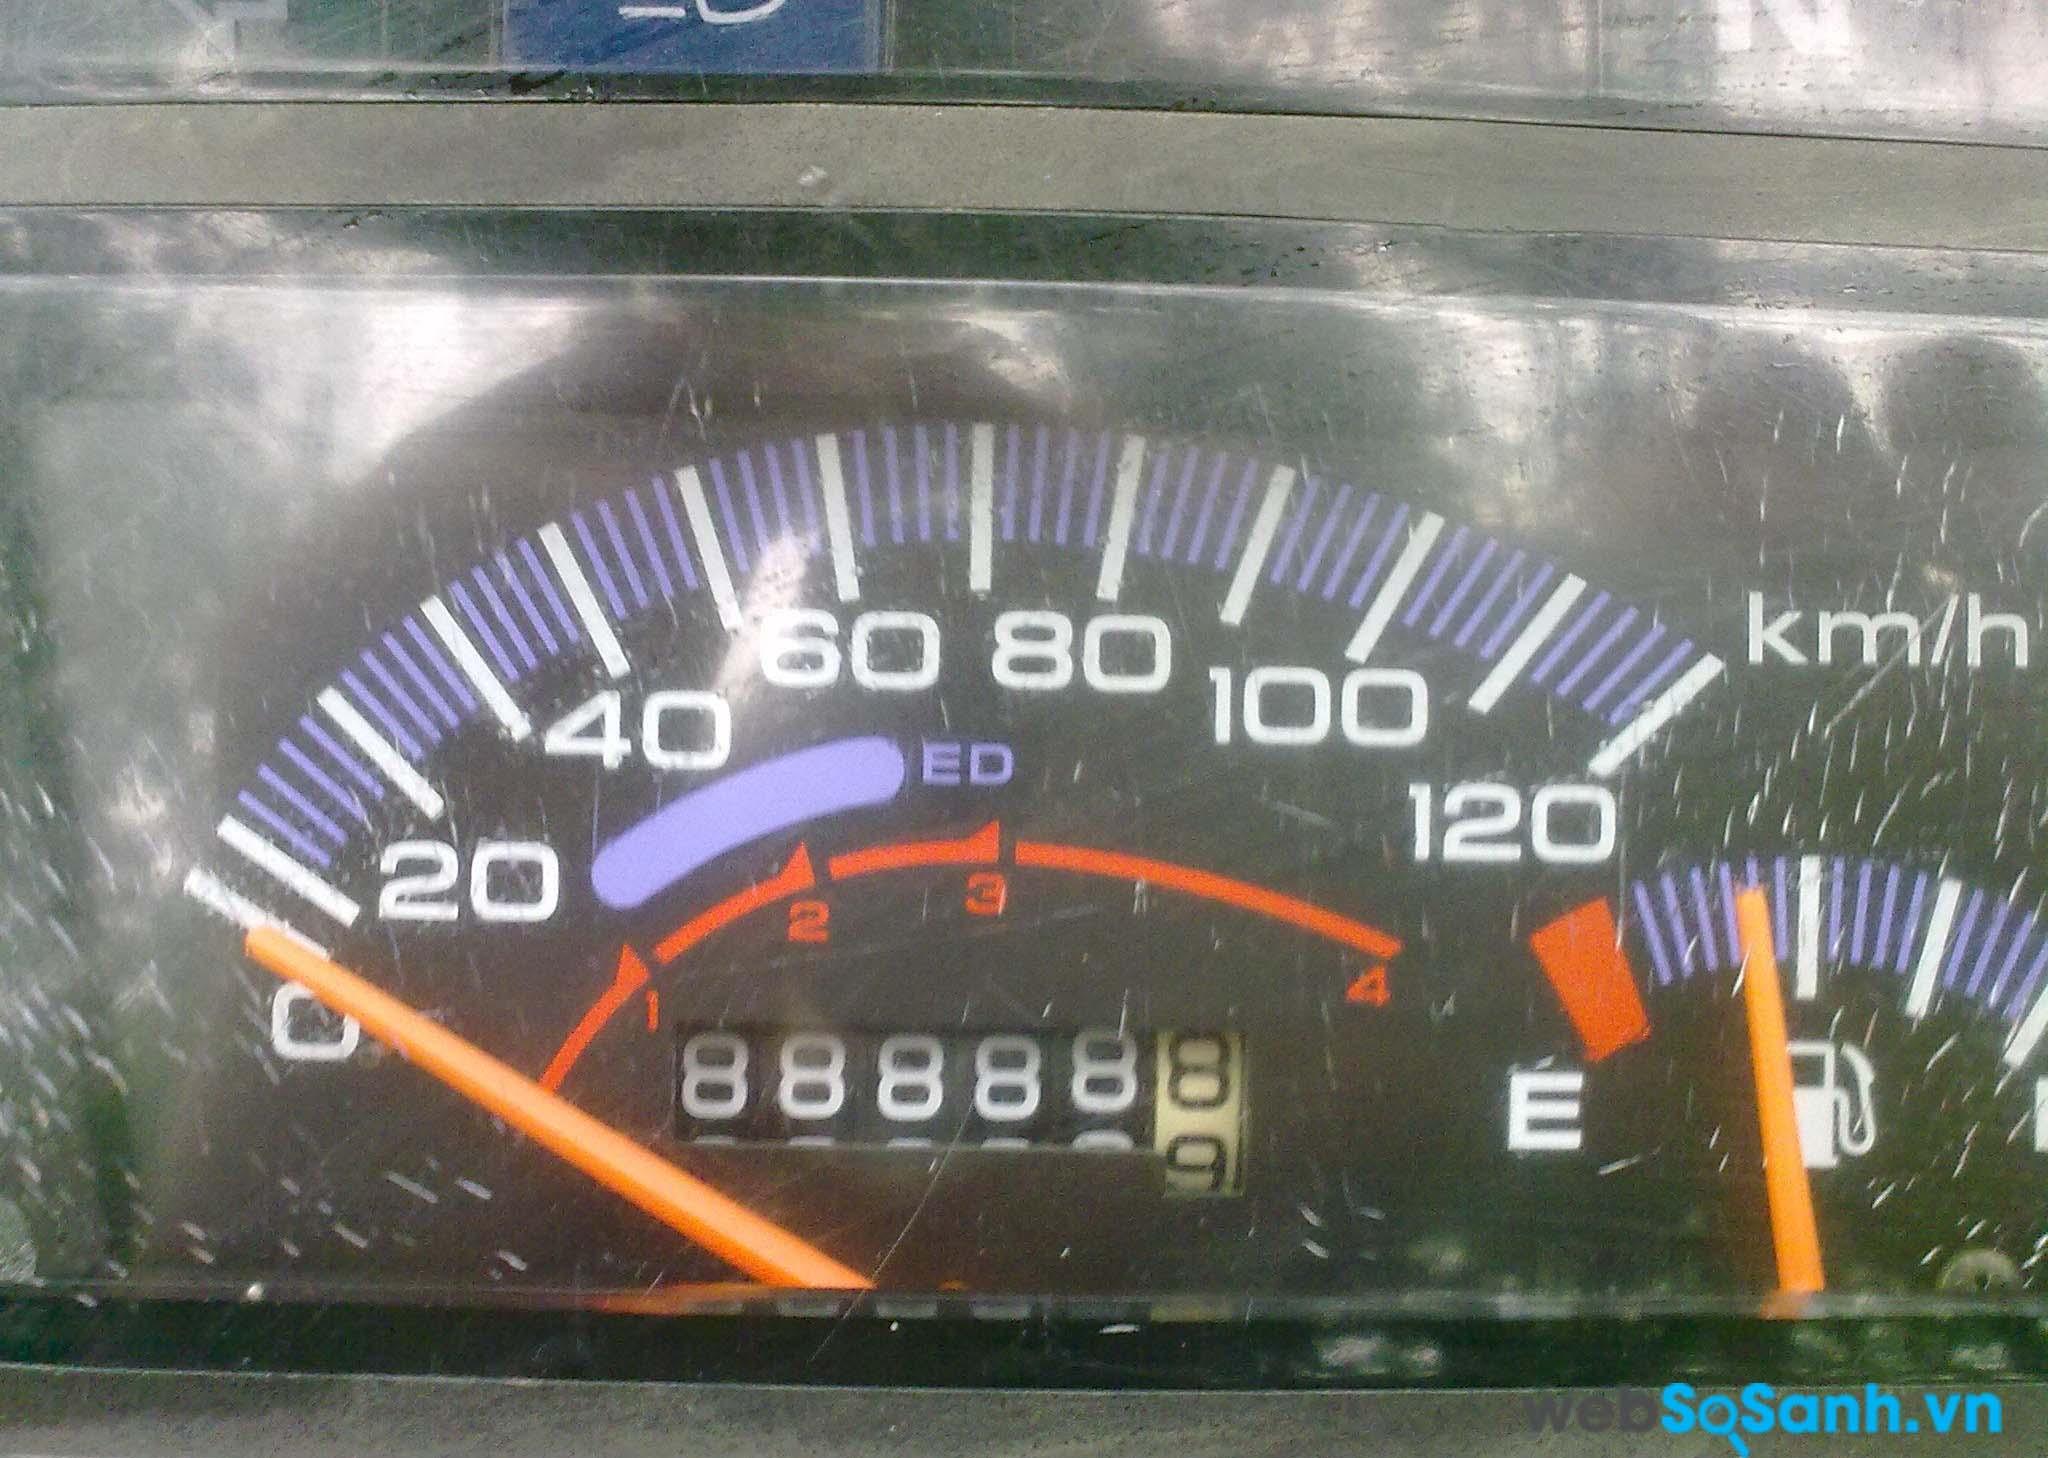 Một chiếc lốp nếu đã đi được khoảng 15,000 km thì bạn nên thay